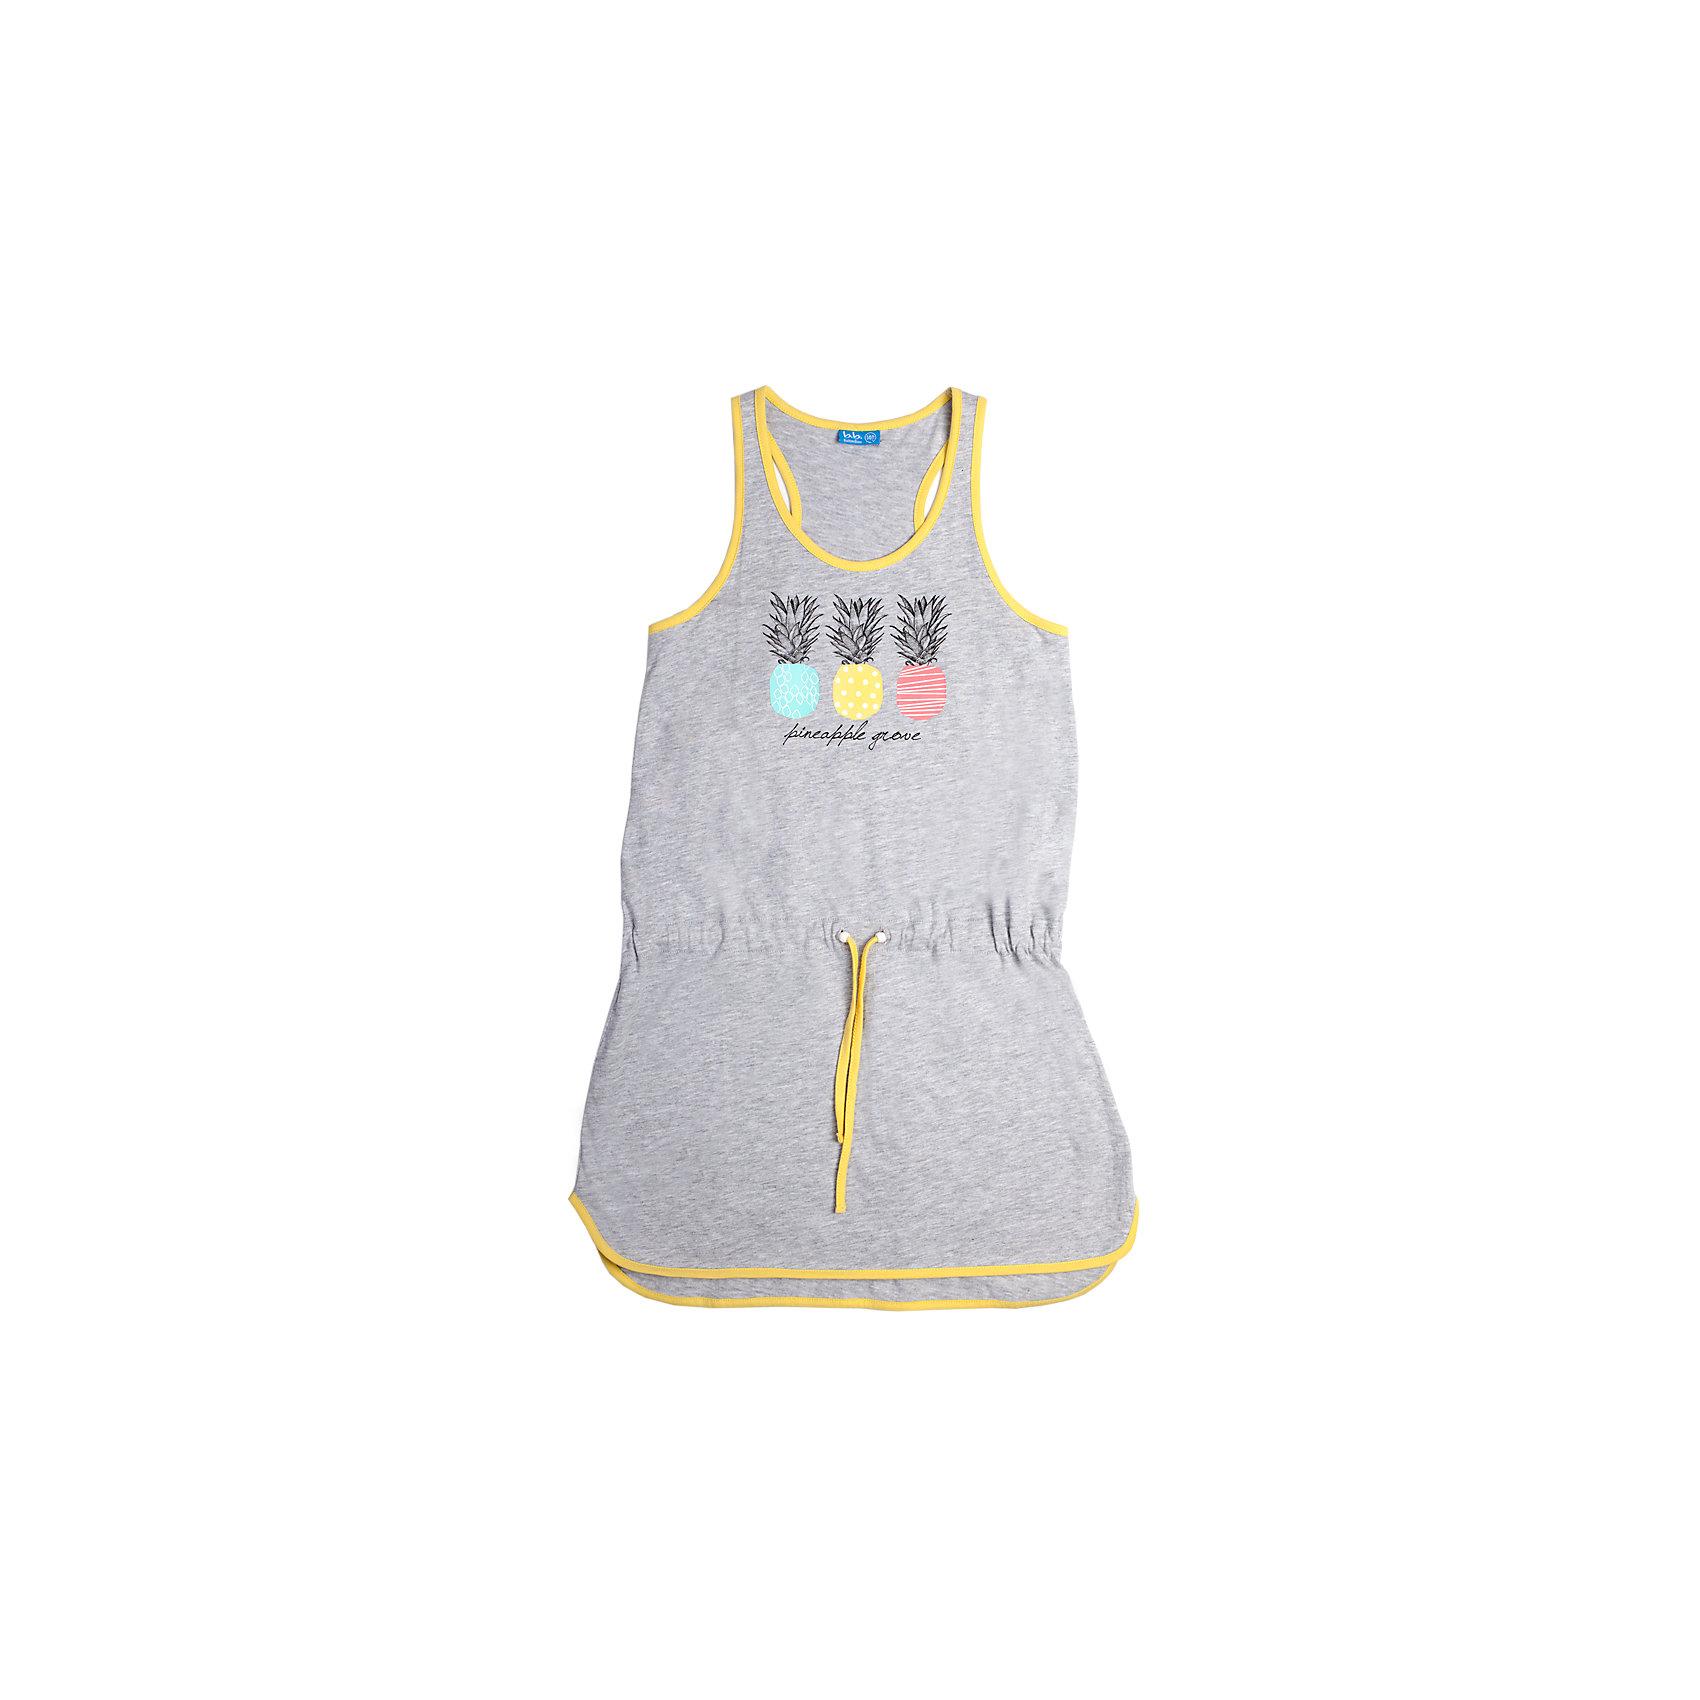 Платье для девочки Button BlueПлатья и сарафаны<br>Легкое летнее платье имеет силуэт борцовка и округлую линию низа. На талии - пояс-шнурок, а на полочке привлекательный принт. Горловина и плечи отделаны контрастным кантом. Отличное решение для пляжного отдыха.<br>Состав:<br>95% хлопок 5%вискоза<br><br>Размеры данного бренда маломерят. Рекомендуется заказывать на размер больше.<br><br>Ширина мм: 236<br>Глубина мм: 16<br>Высота мм: 184<br>Вес г: 177<br>Цвет: серый<br>Возраст от месяцев: 84<br>Возраст до месяцев: 96<br>Пол: Женский<br>Возраст: Детский<br>Размер: 128,152,146,140,158,134<br>SKU: 3979390